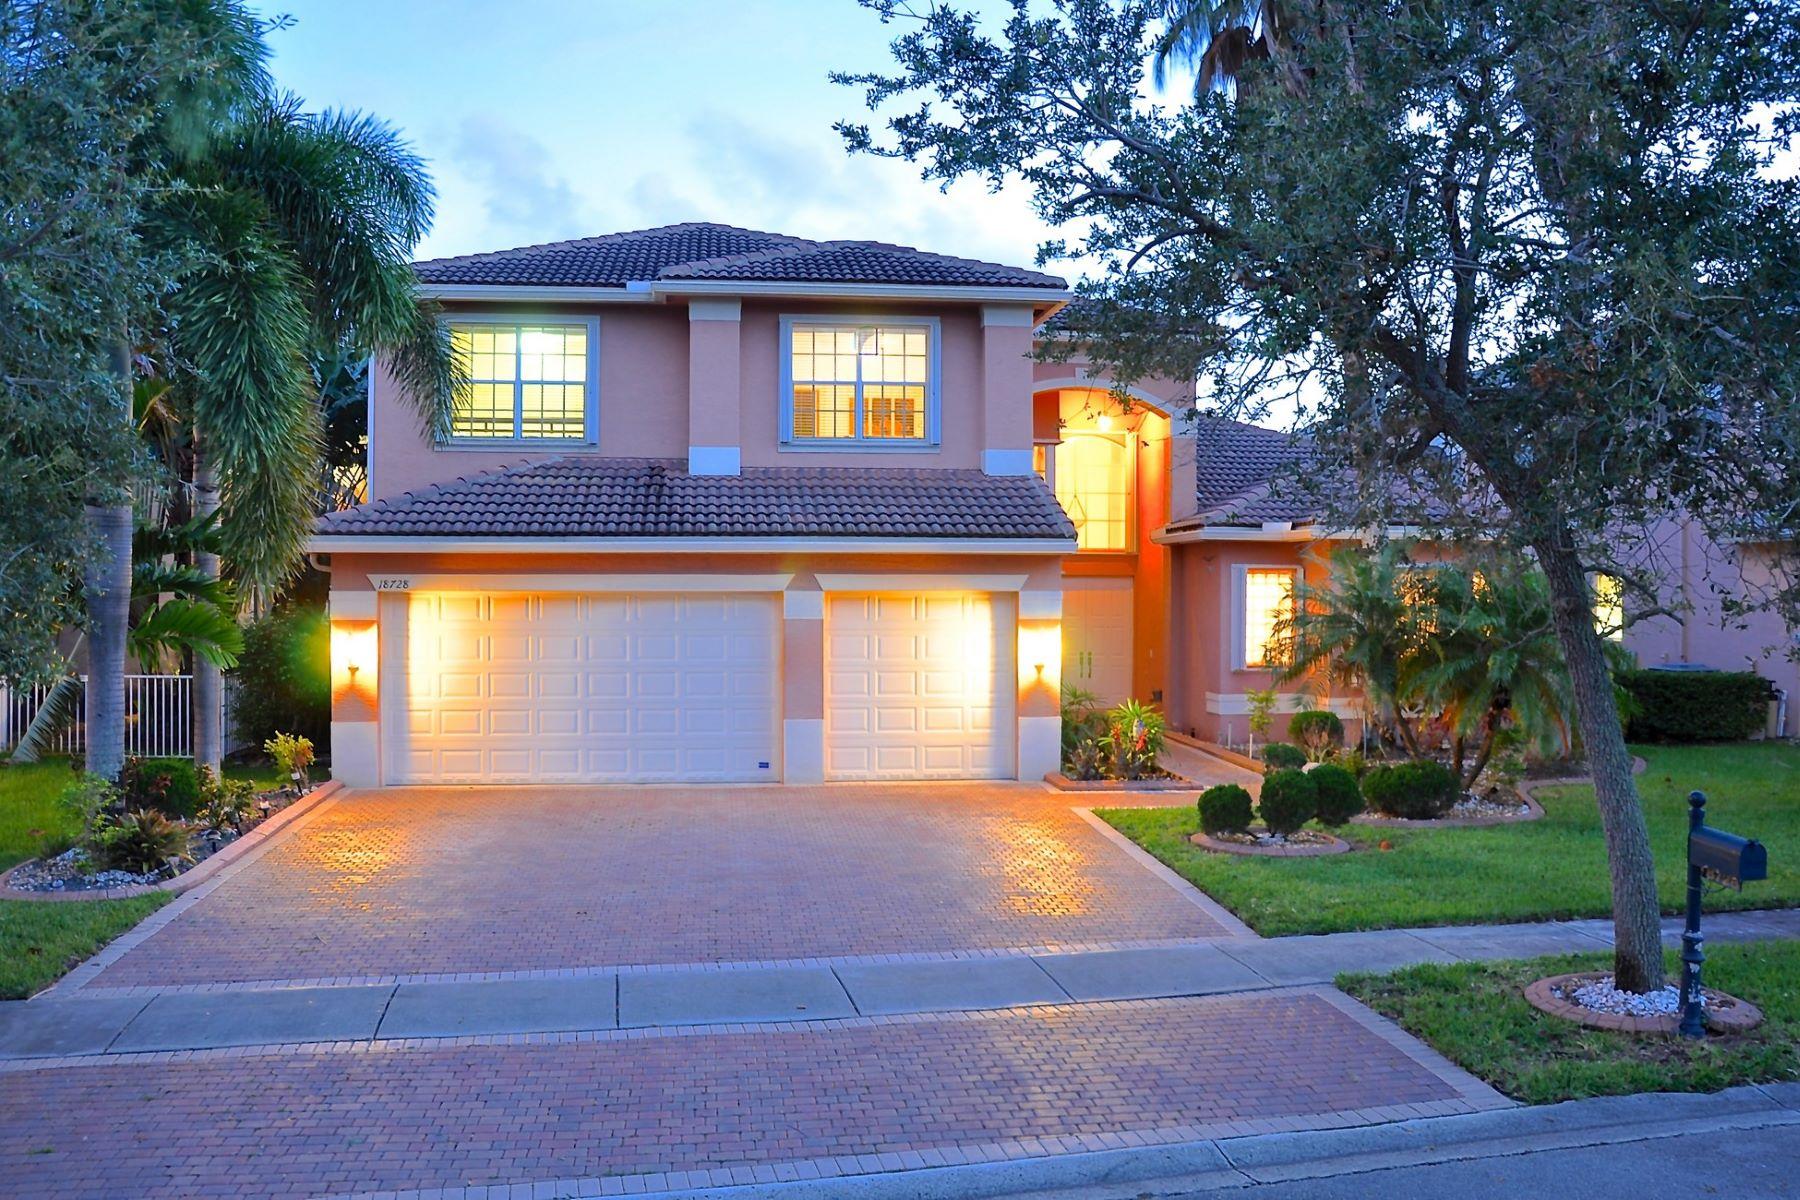 Einfamilienhaus für Verkauf beim 18728 Sw 47th St Miramar, Florida, 33029 Vereinigte Staaten